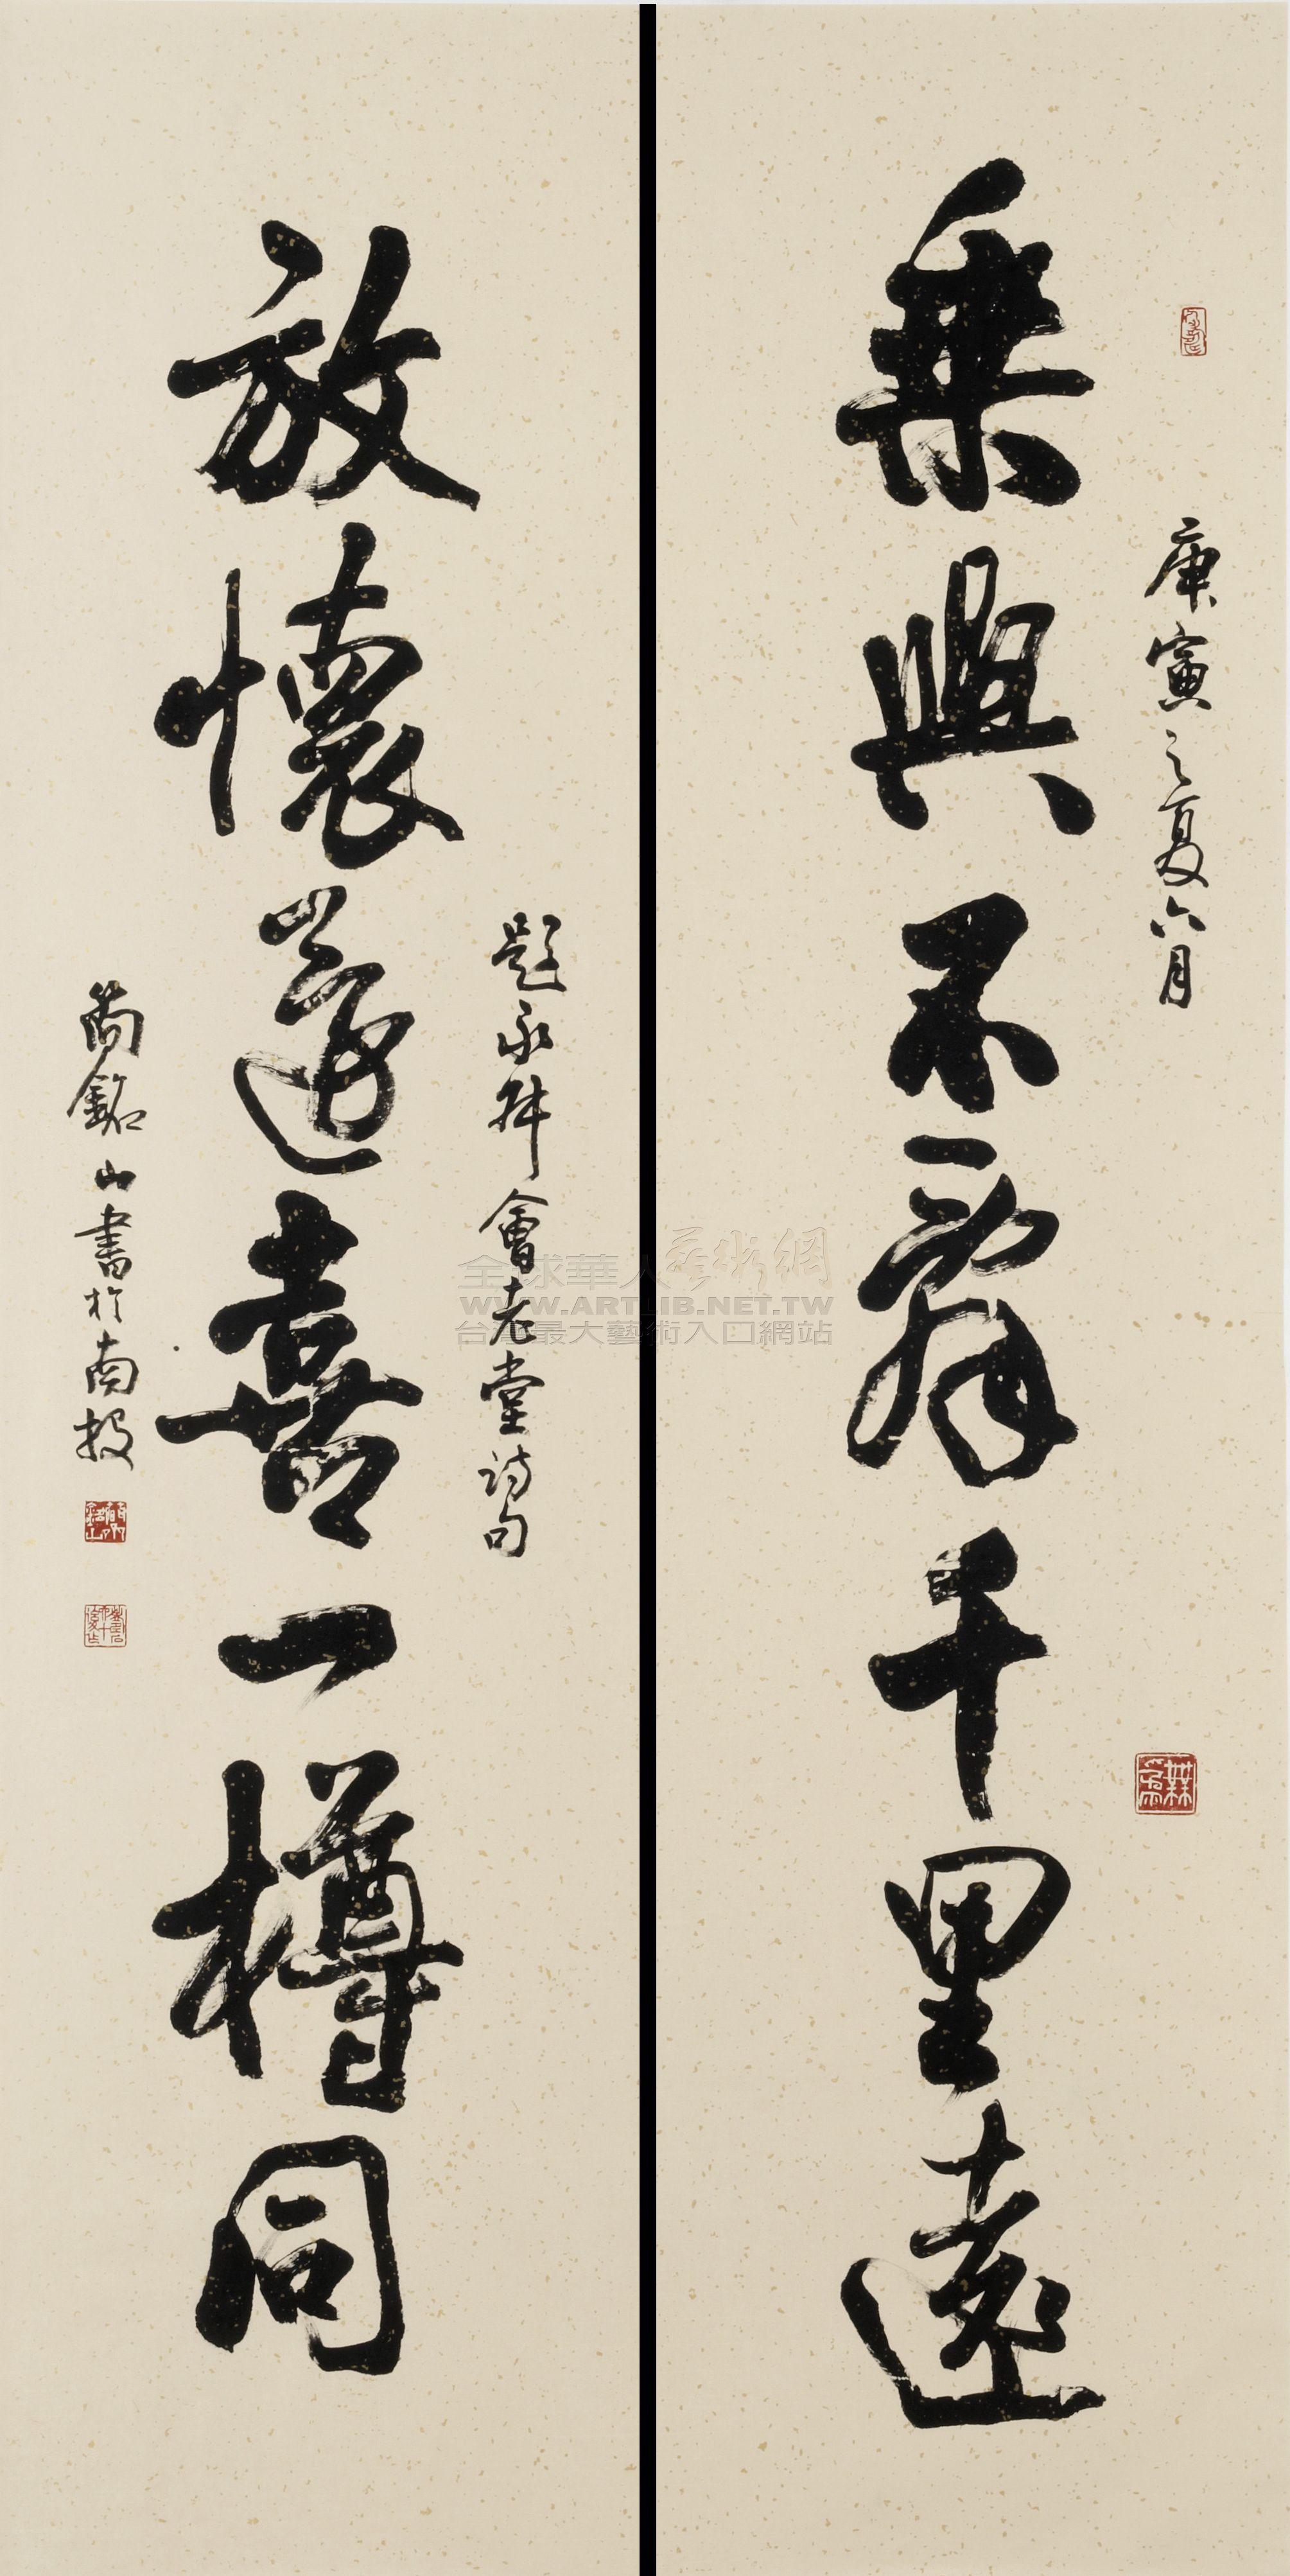 ボード 書 Chinese Calligraphy のピン